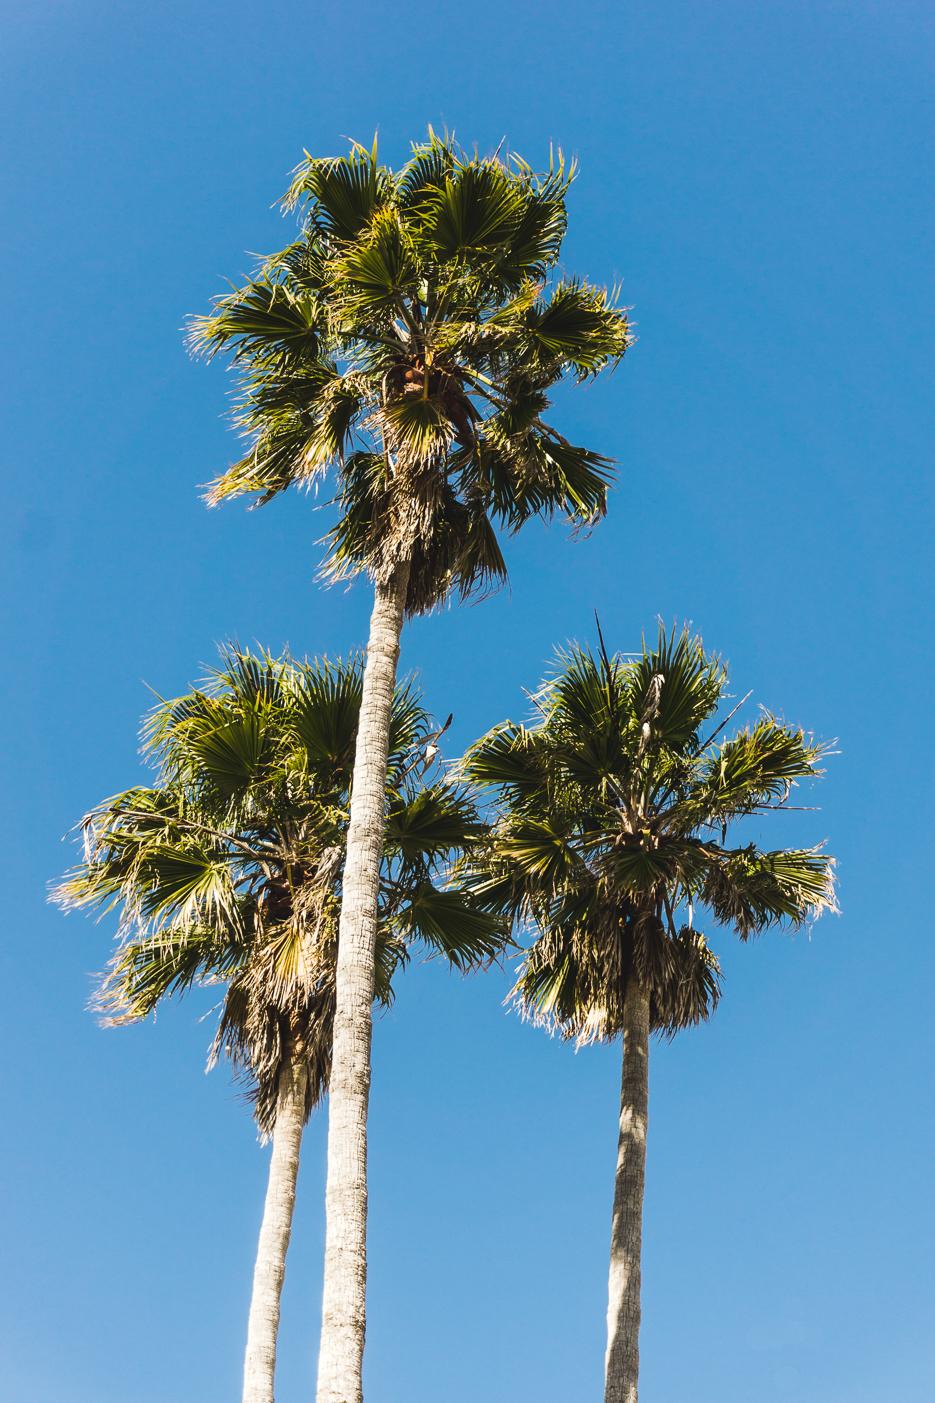 Santa Cruz Palm trees